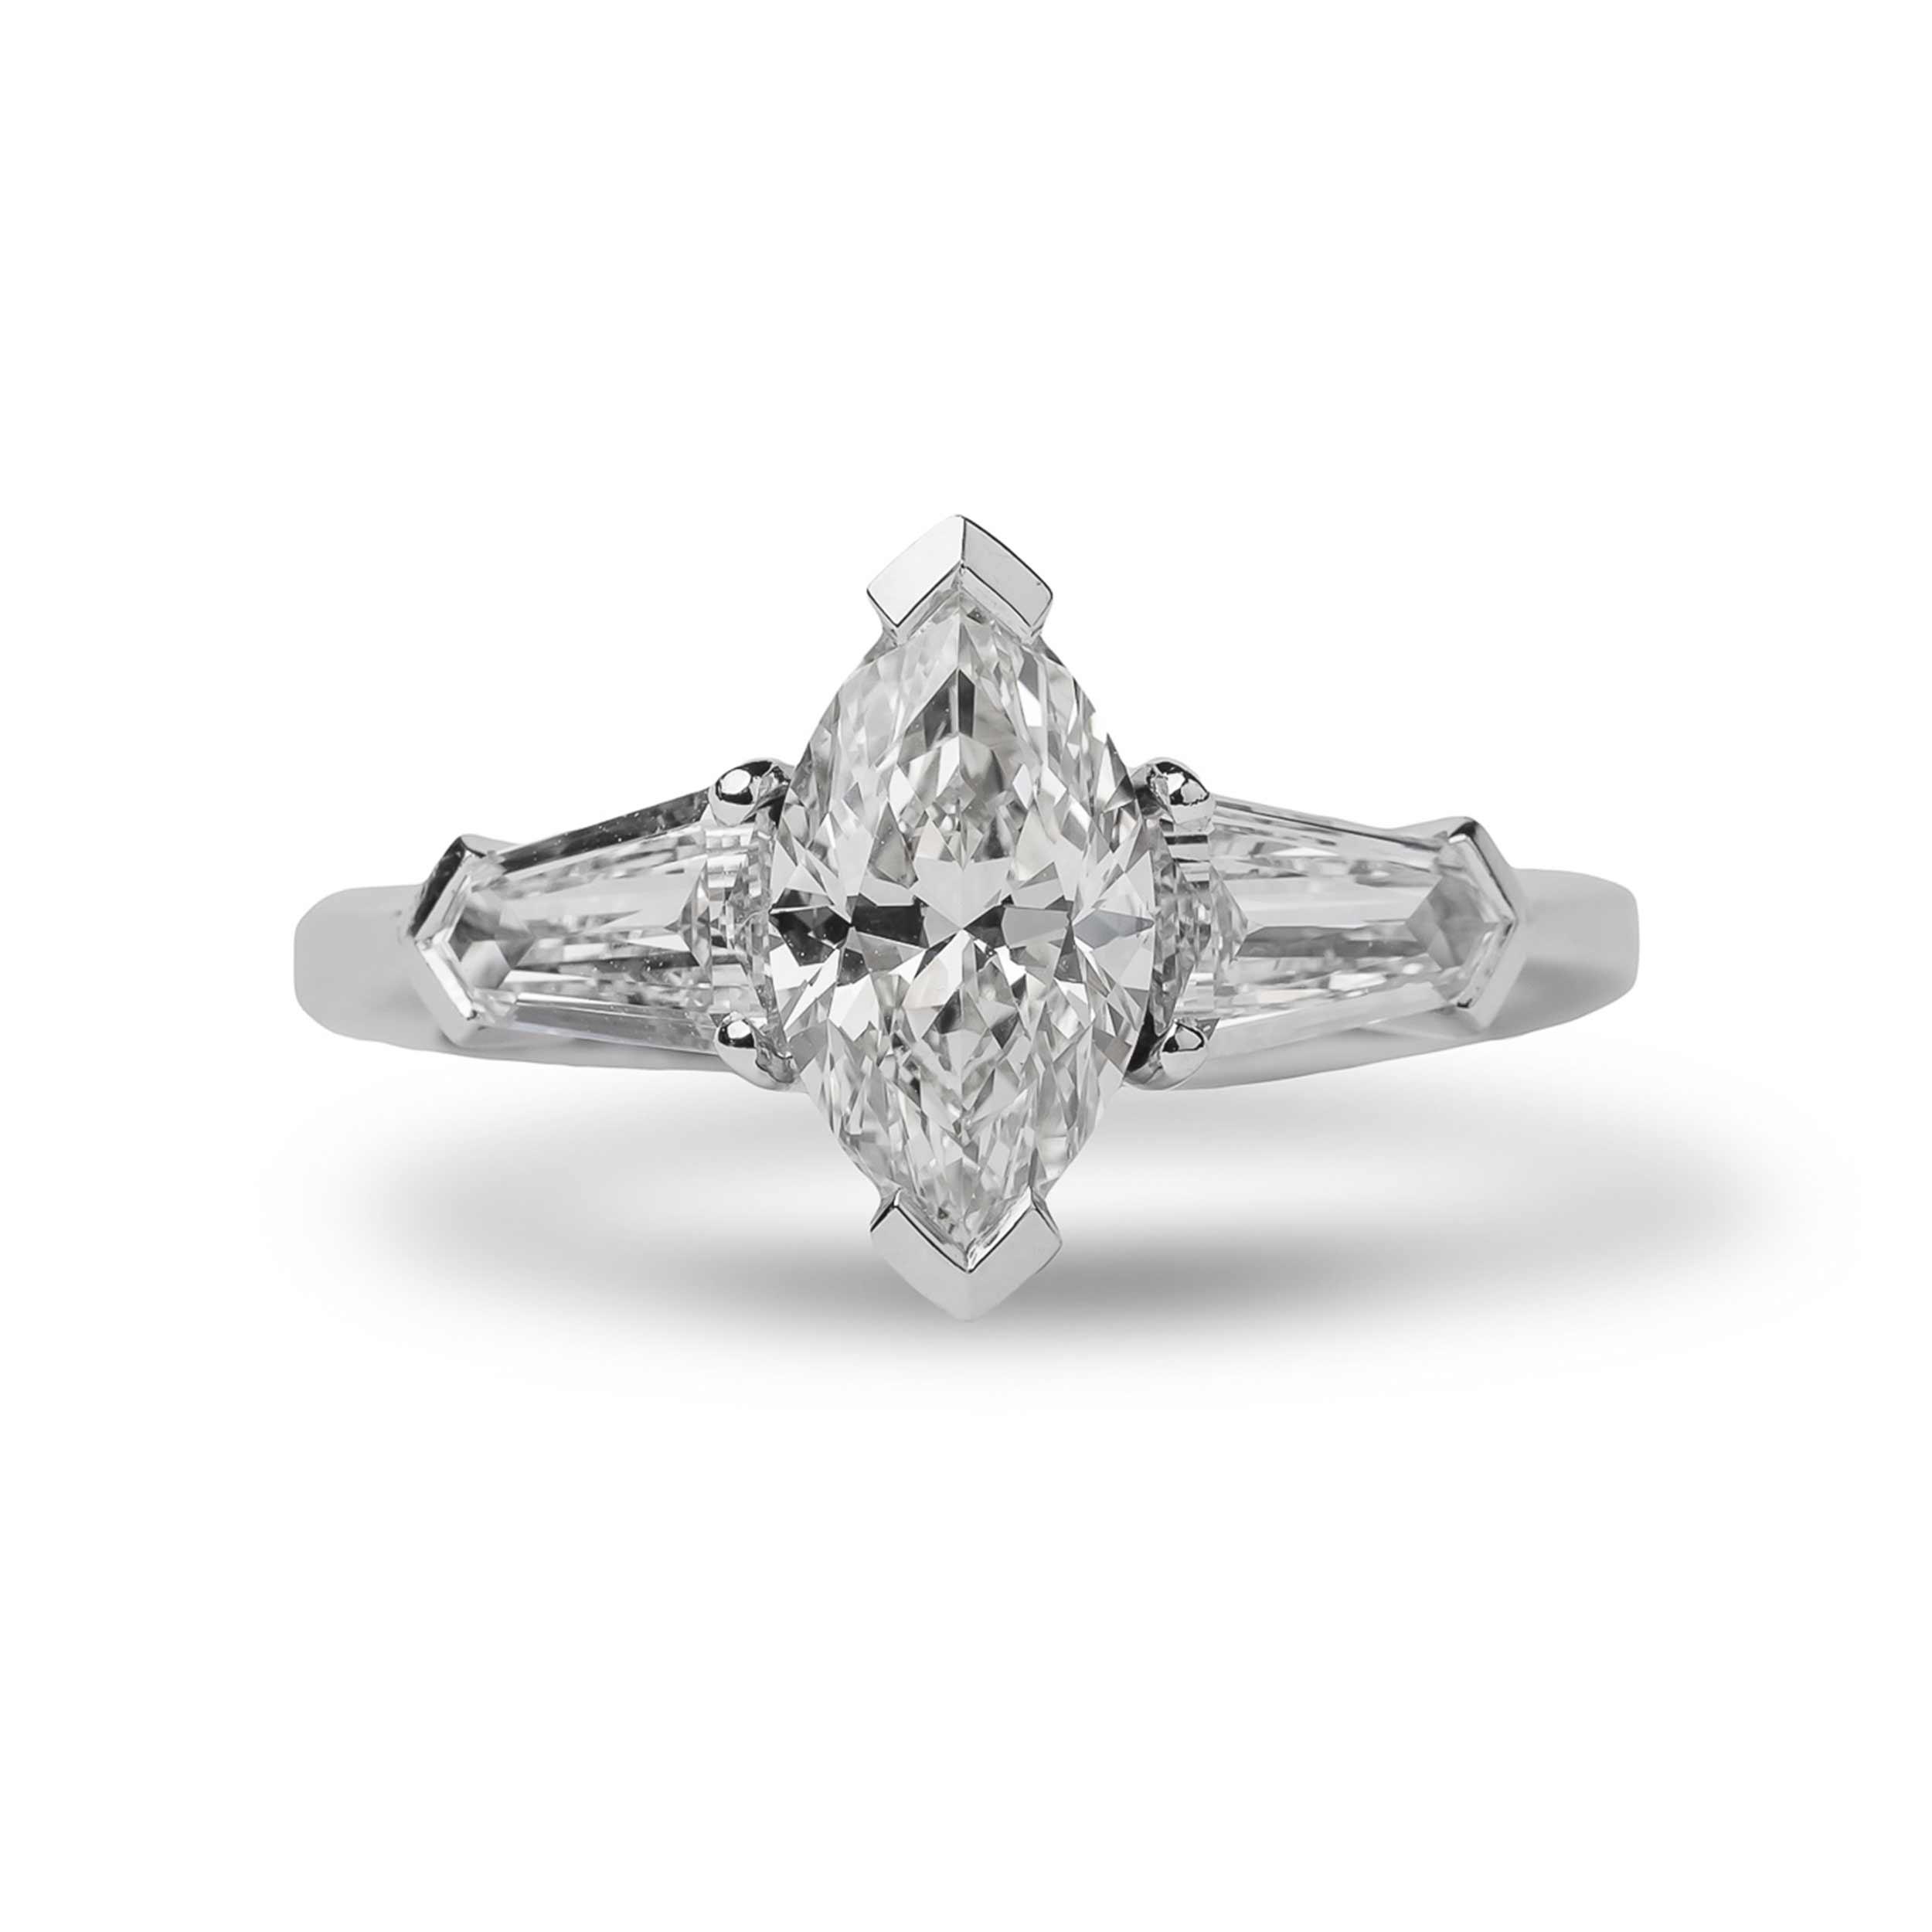 Μονόπετρο δαχτυλίδι 950 πλατίνα με marquise διαμάντι